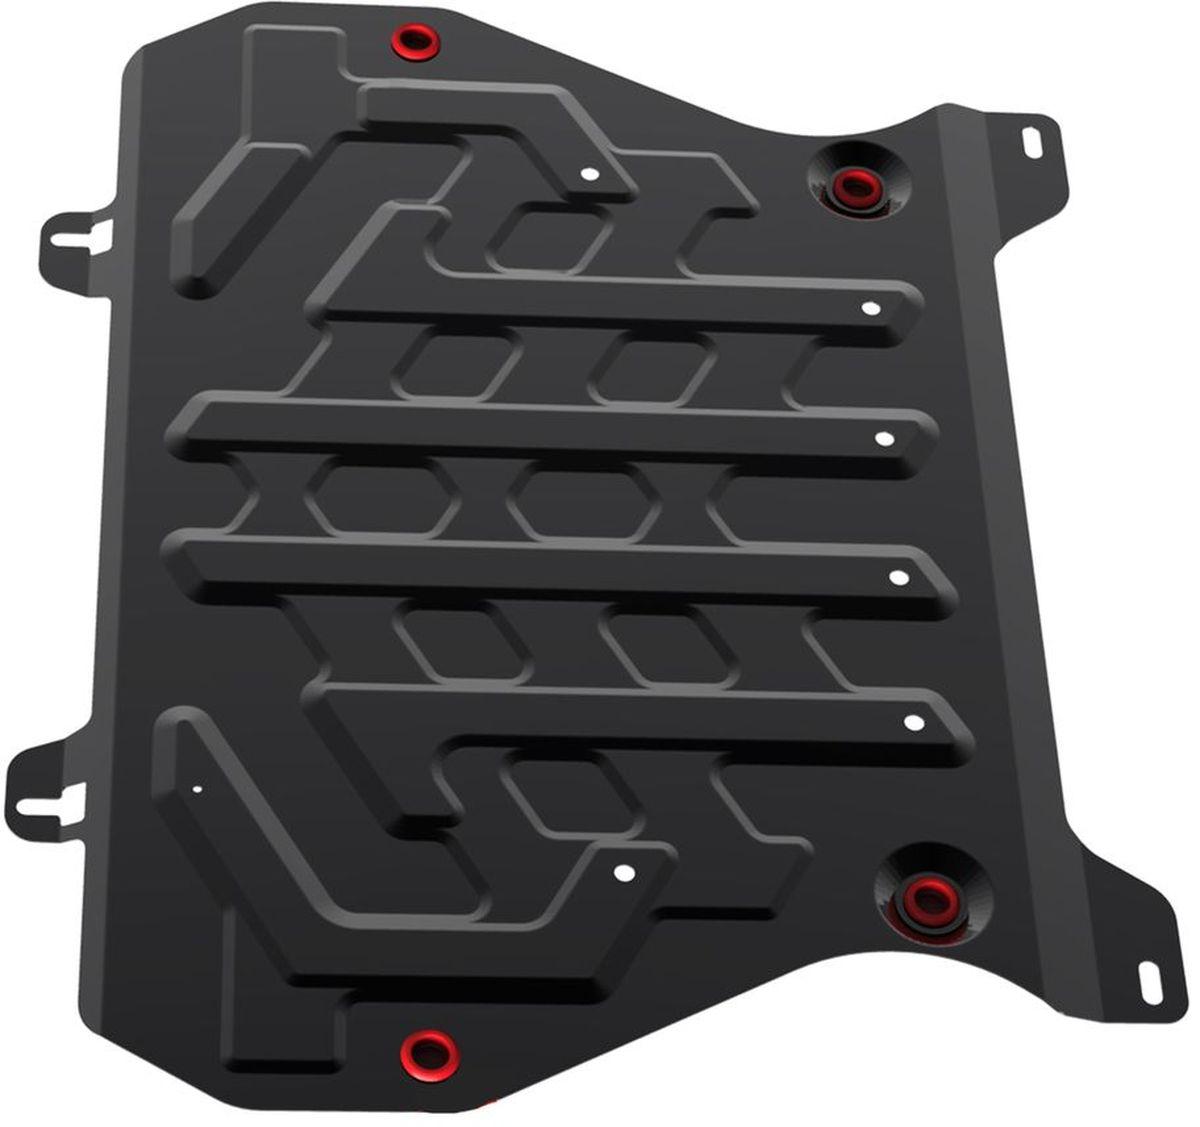 Защита картера и КПП Автоброня Nissan Juke 2011-, сталь 2 мм111.04141.1Защита картера и КПП Автоброня Nissan Juke картер, V - 1,6 2011-, сталь 2 мм, комплект крепежа, 111.04141.1Стальные защиты Автоброня надежно защищают ваш автомобиль от повреждений при наезде на бордюры, выступающие канализационные люки, кромки поврежденного асфальта или при ремонте дорог, не говоря уже о загородных дорогах.- Имеют оптимальное соотношение цена-качество.- Спроектированы с учетом особенностей автомобиля, что делает установку удобной.- Защита устанавливается в штатные места кузова автомобиля.- Является надежной защитой для важных элементов на протяжении долгих лет.- Глубокий штамп дополнительно усиливает конструкцию защиты.- Подштамповка в местах крепления защищает крепеж от срезания.- Технологические отверстия там, где они необходимы для смены масла и слива воды, оборудованные заглушками, закрепленными на защите.Толщина стали 2 мм.В комплекте крепеж и инструкция по установке.